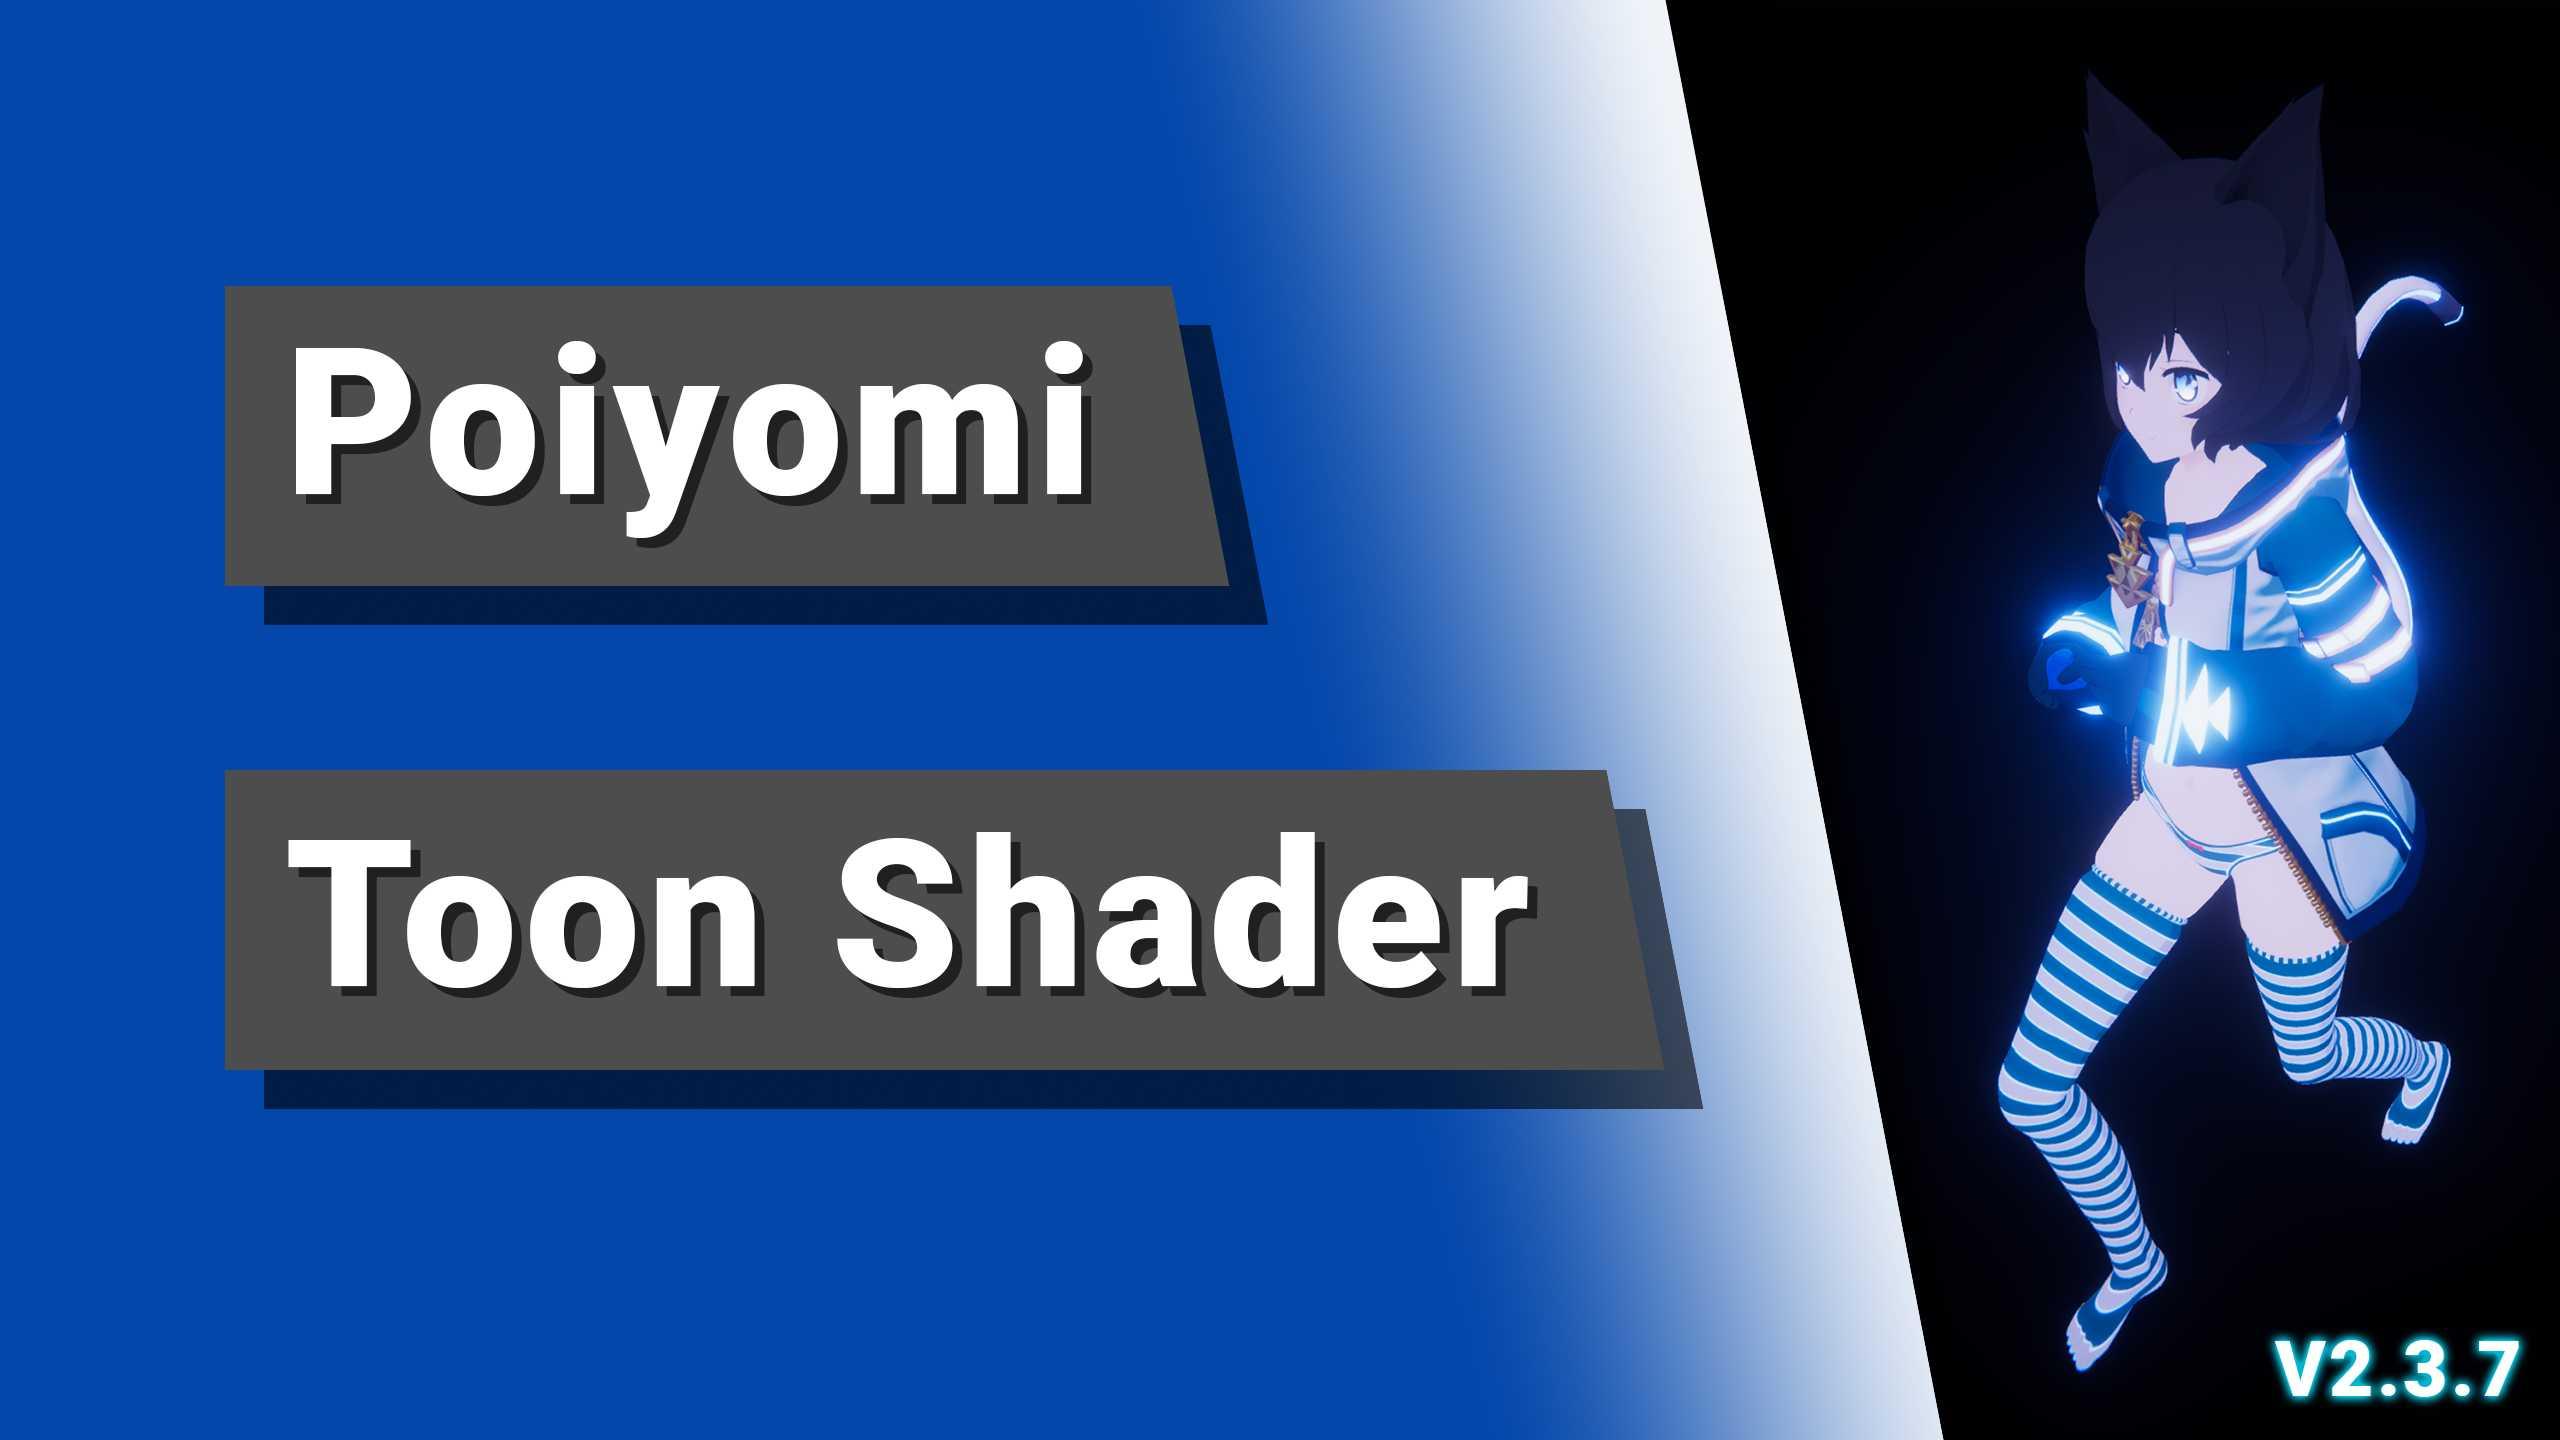 VRCMods - Poiyomi Toon Shader v2 3 8 - VRChat Avatars